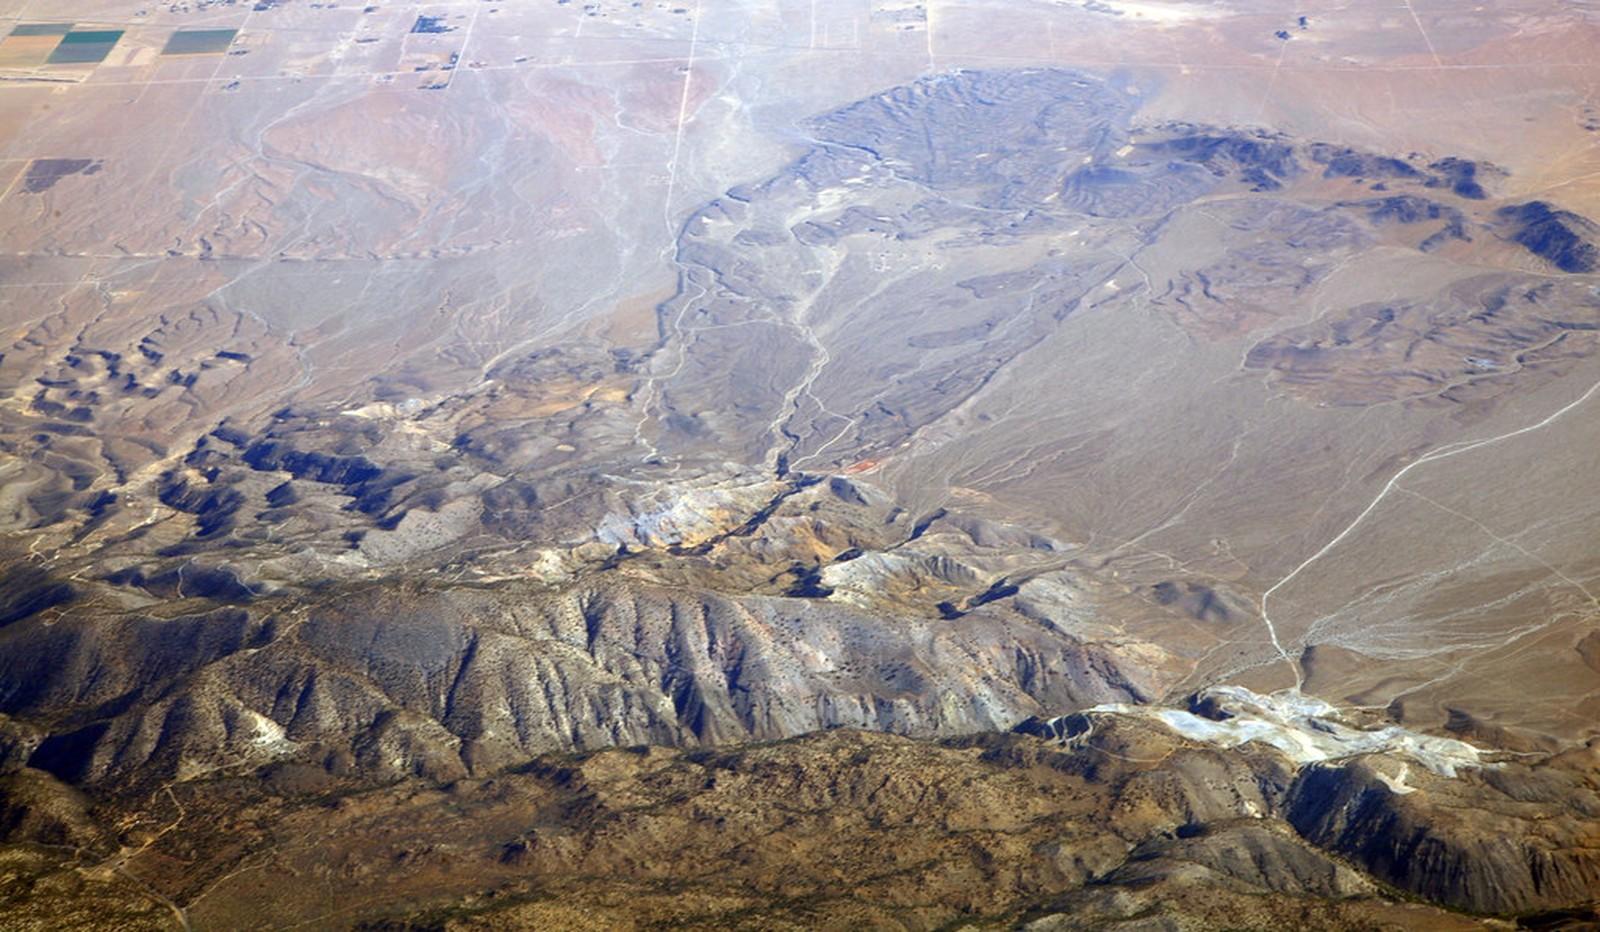 Terremoto de escala 7,1 graus deixa Califôrnia em pânico - Entenda a temida falha de San Andreas que causa a instabilidade sísmica